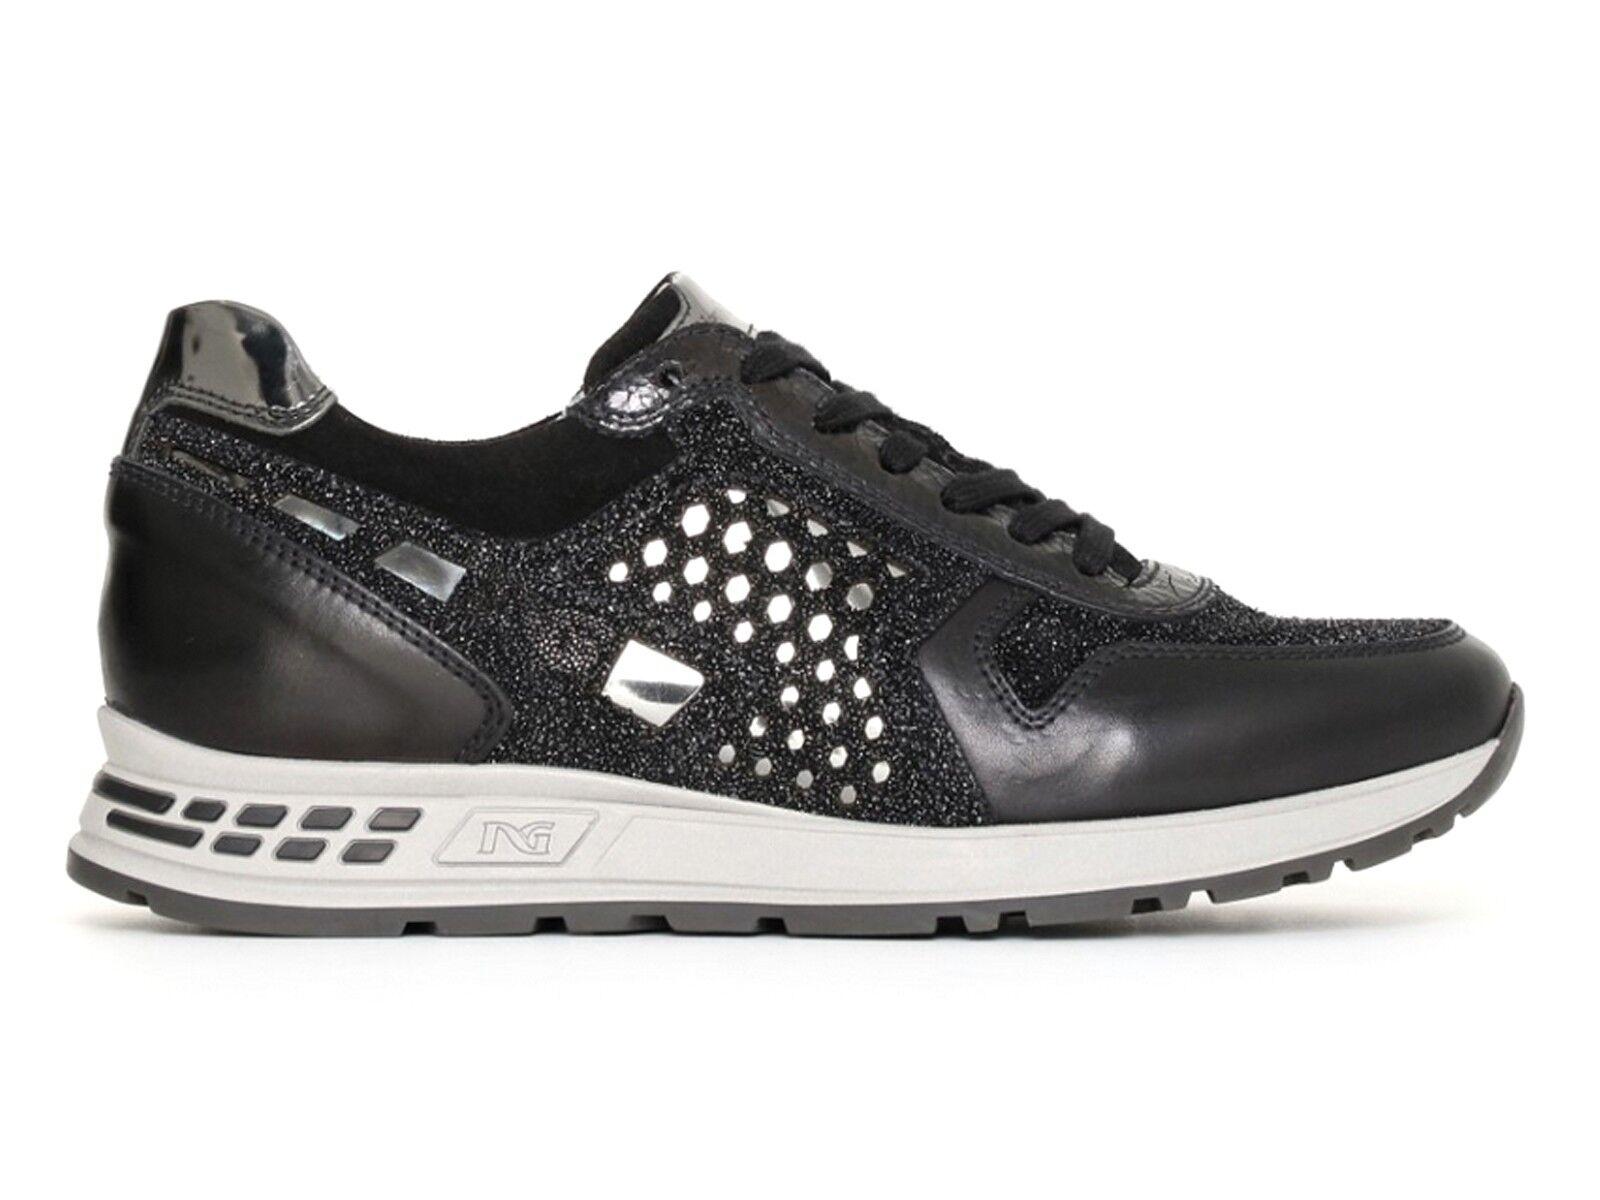 zapatos mujer INVERNO negro GIARDINI INVERNO mujer A719470D 100  zapatillas negro 6d0432